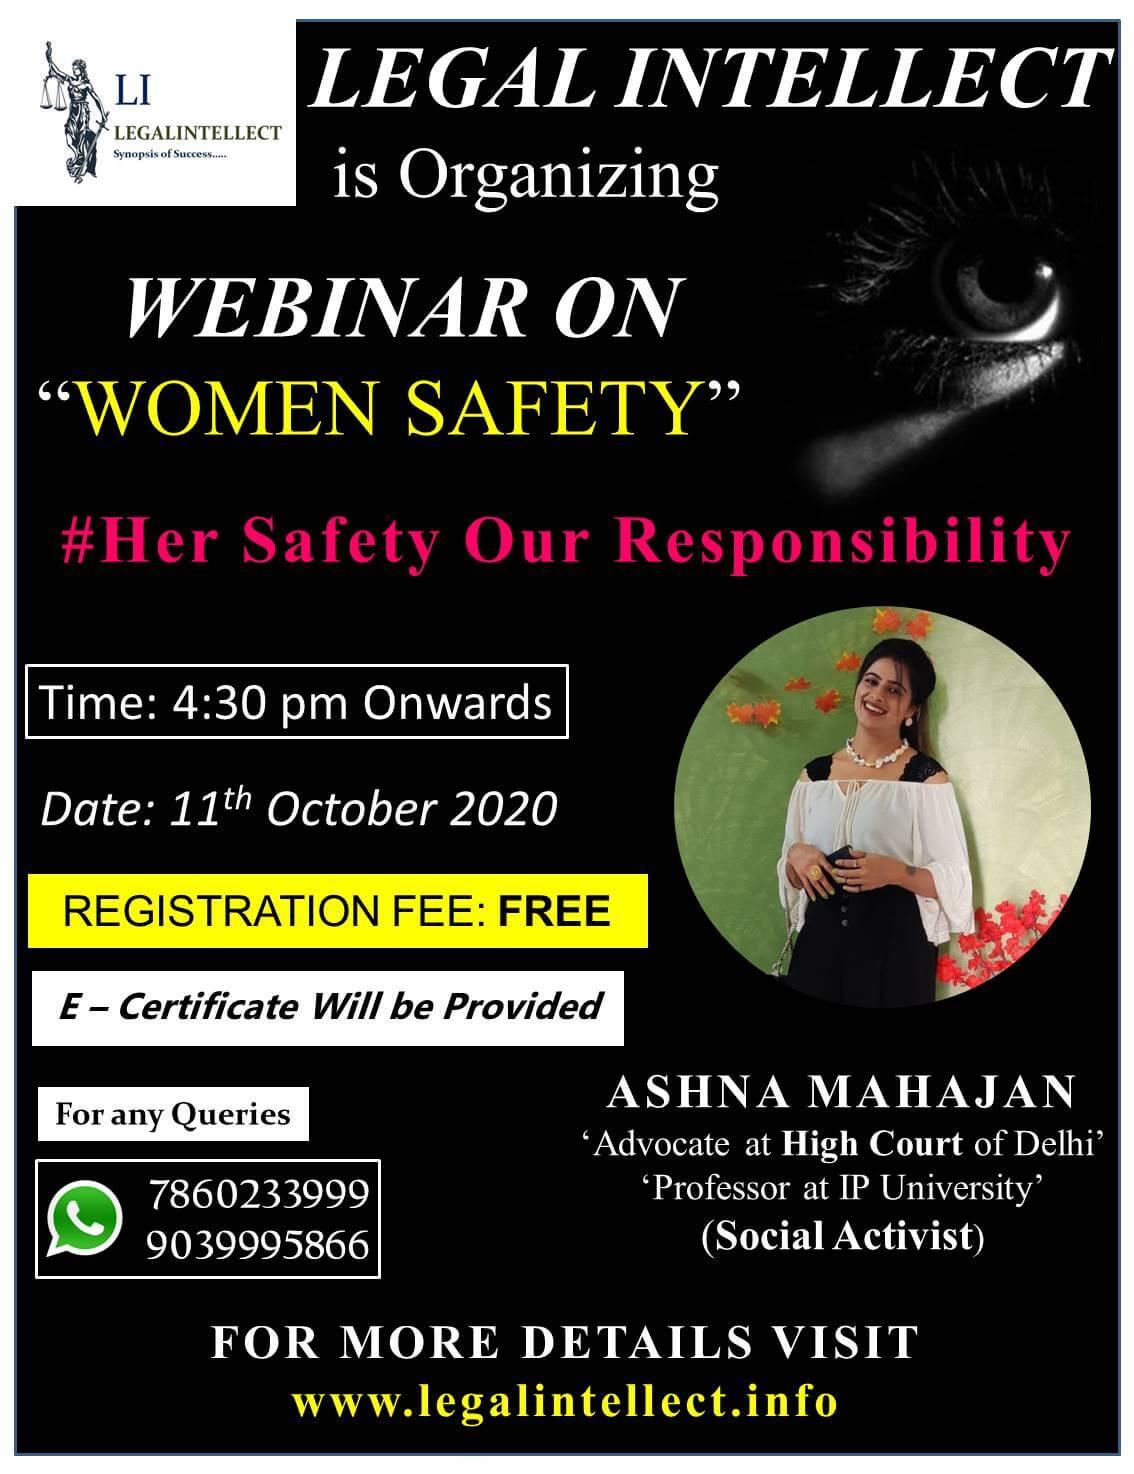 Webinar on WOMEN SAFETY